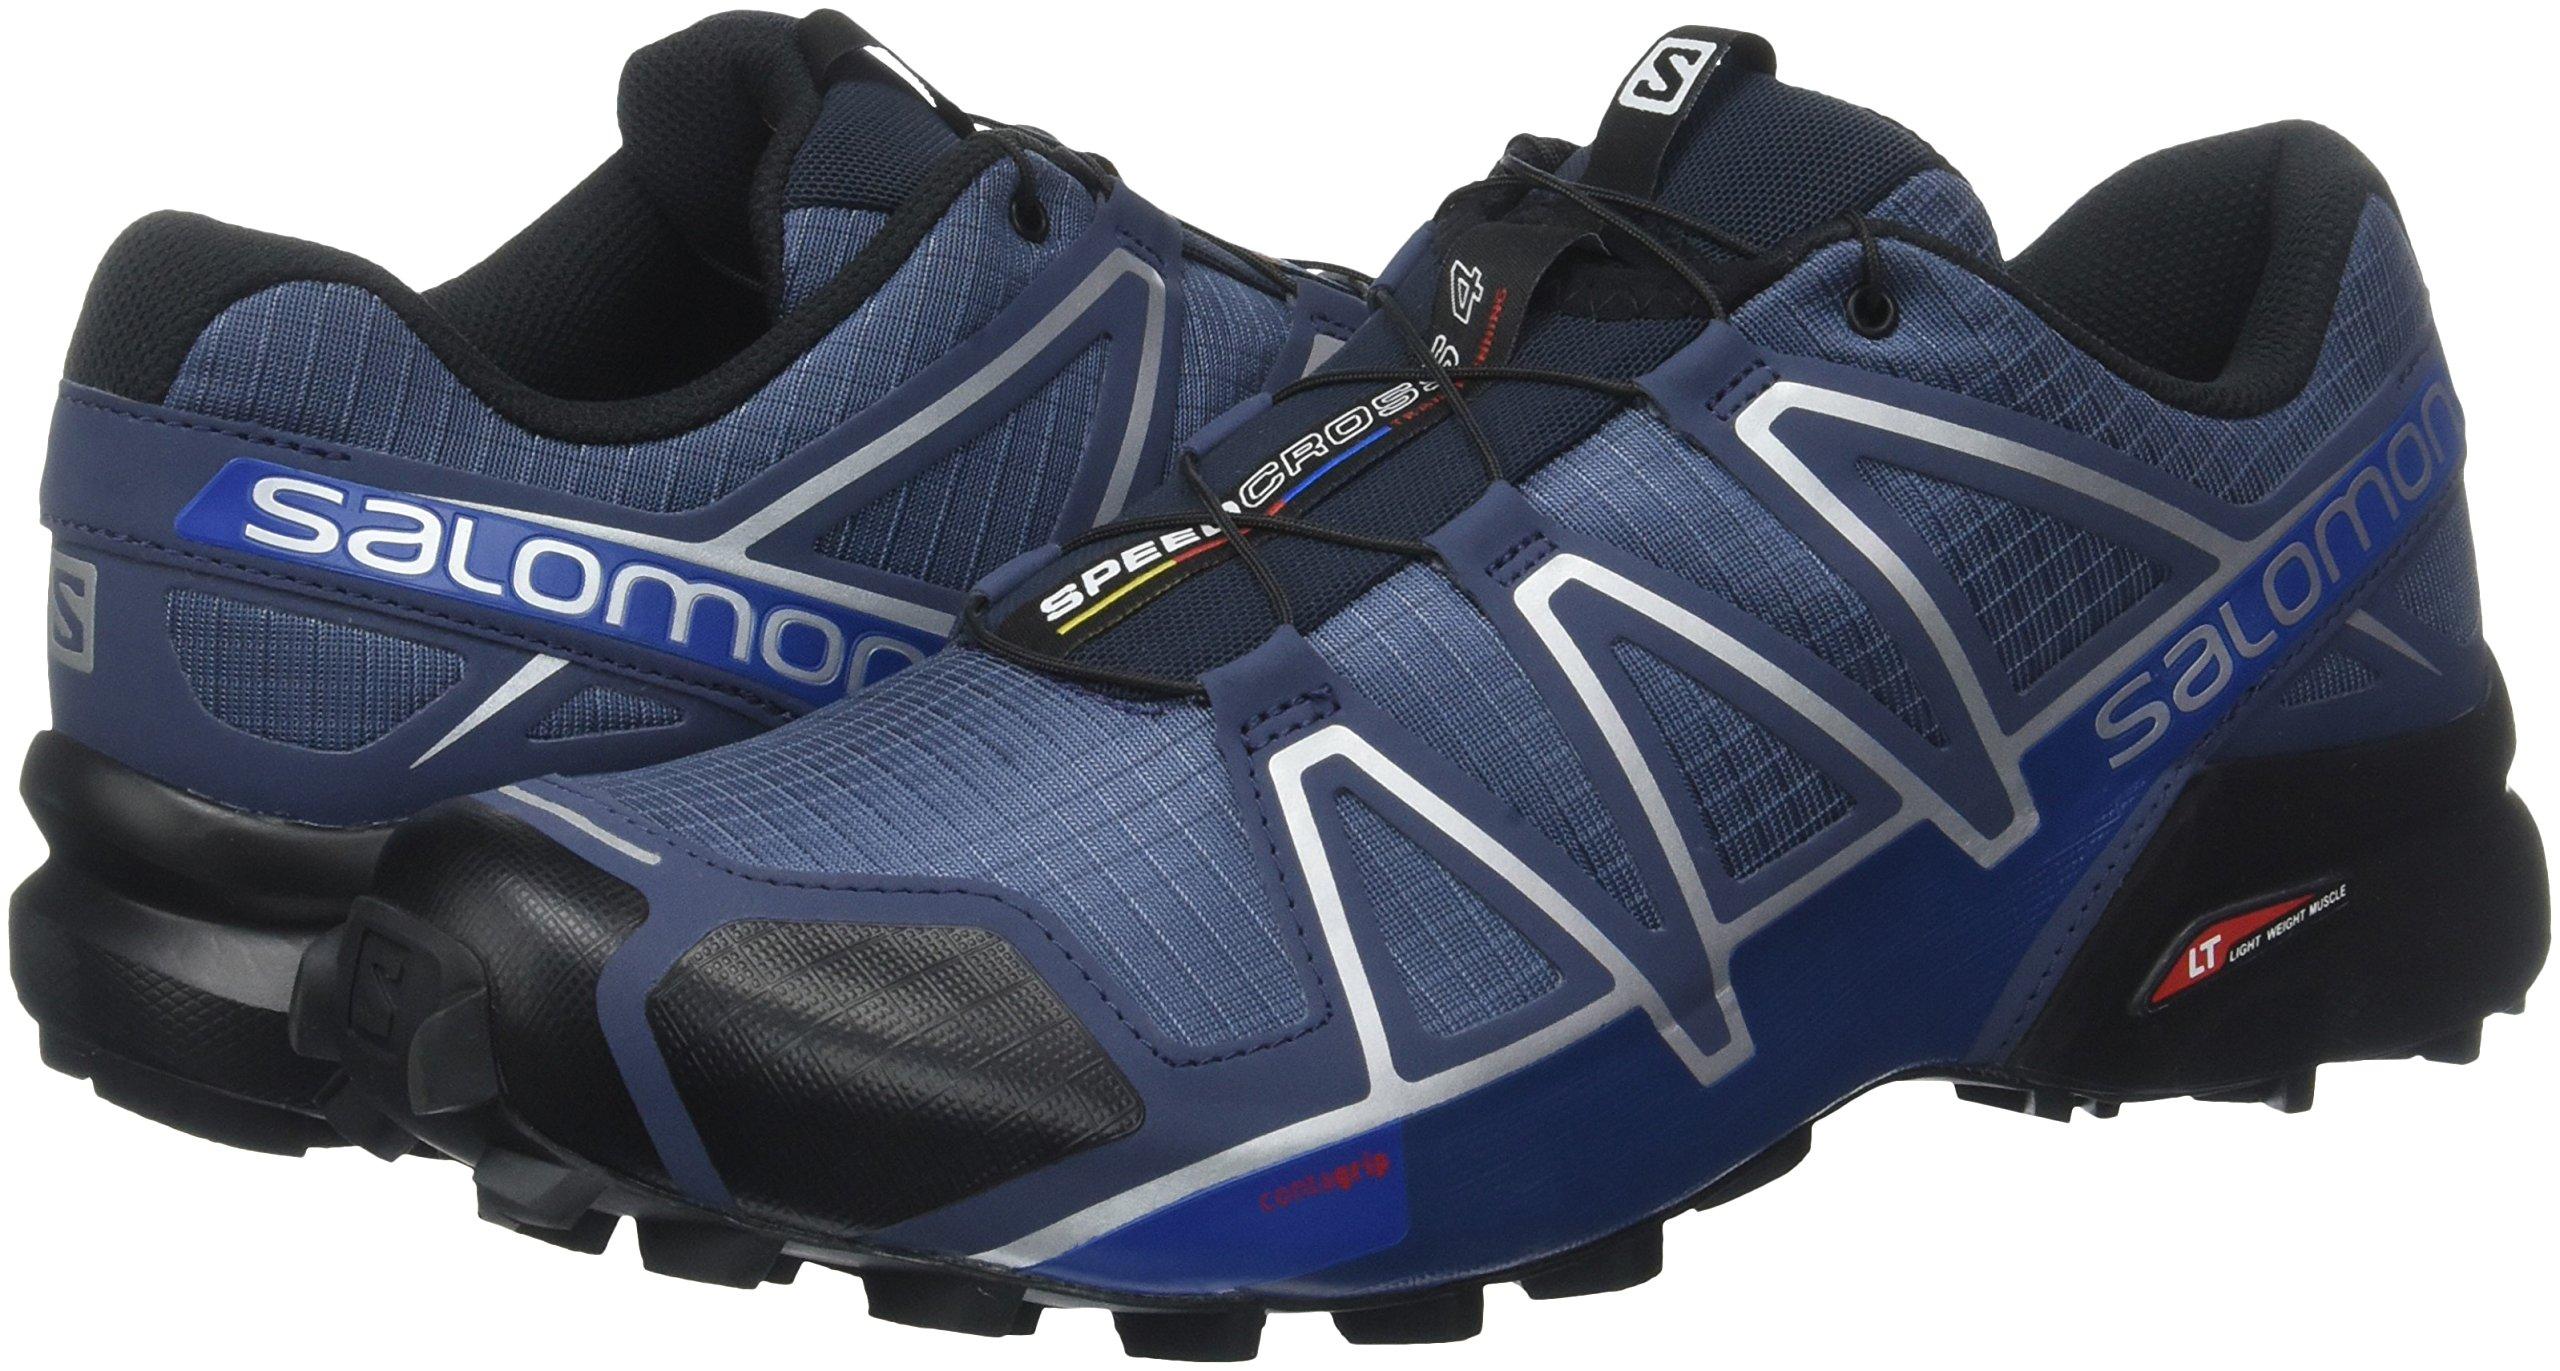 Salomon Men's Speedcross 4 Trail Runner, Slate Black/Blue Yonder, 7 D US by Salomon (Image #6)